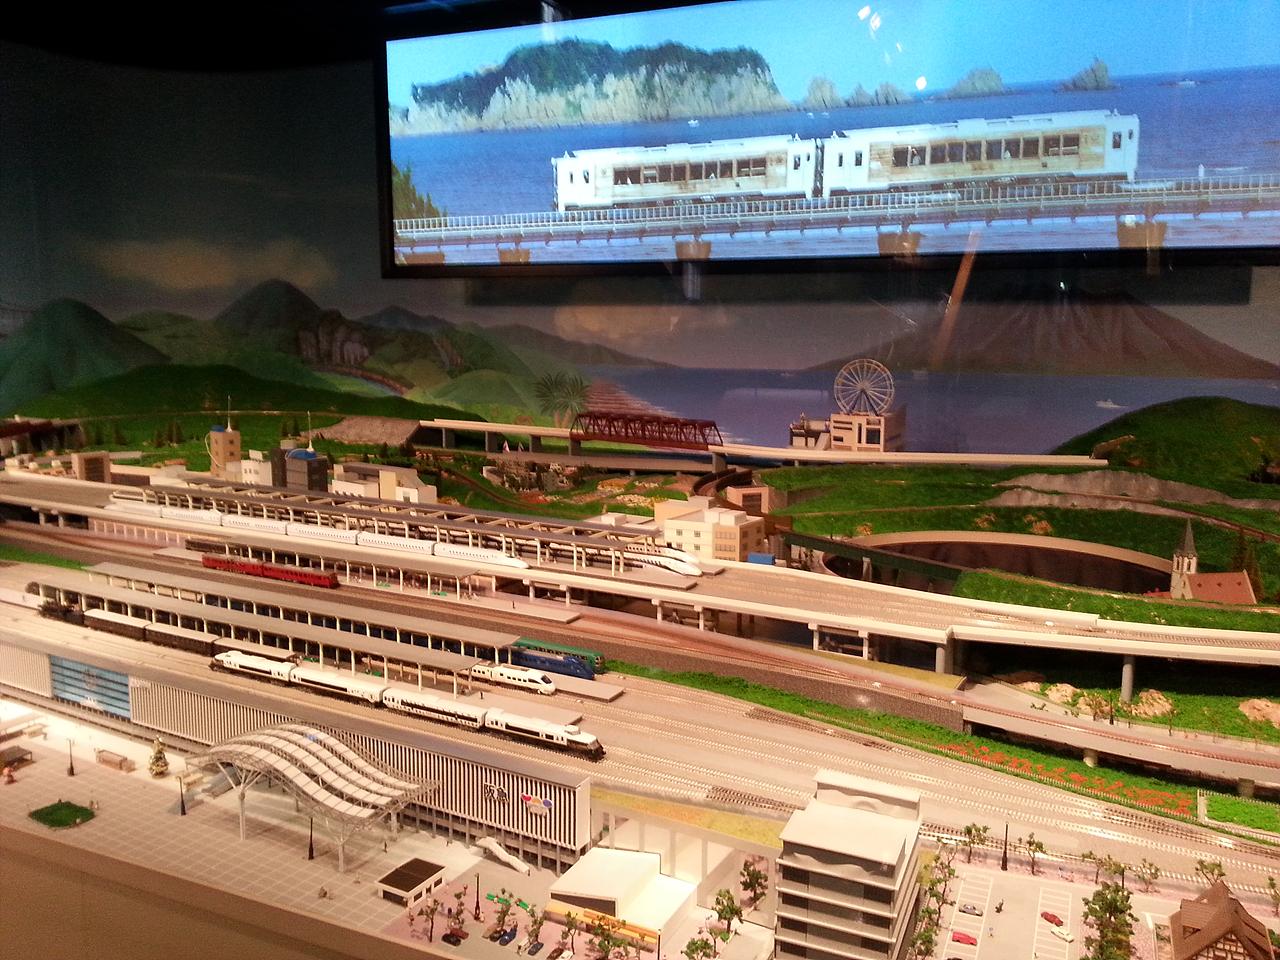 대 파노라마 규슈의 열차를 작은 모형으로 운전시연하는 대 파노라마관